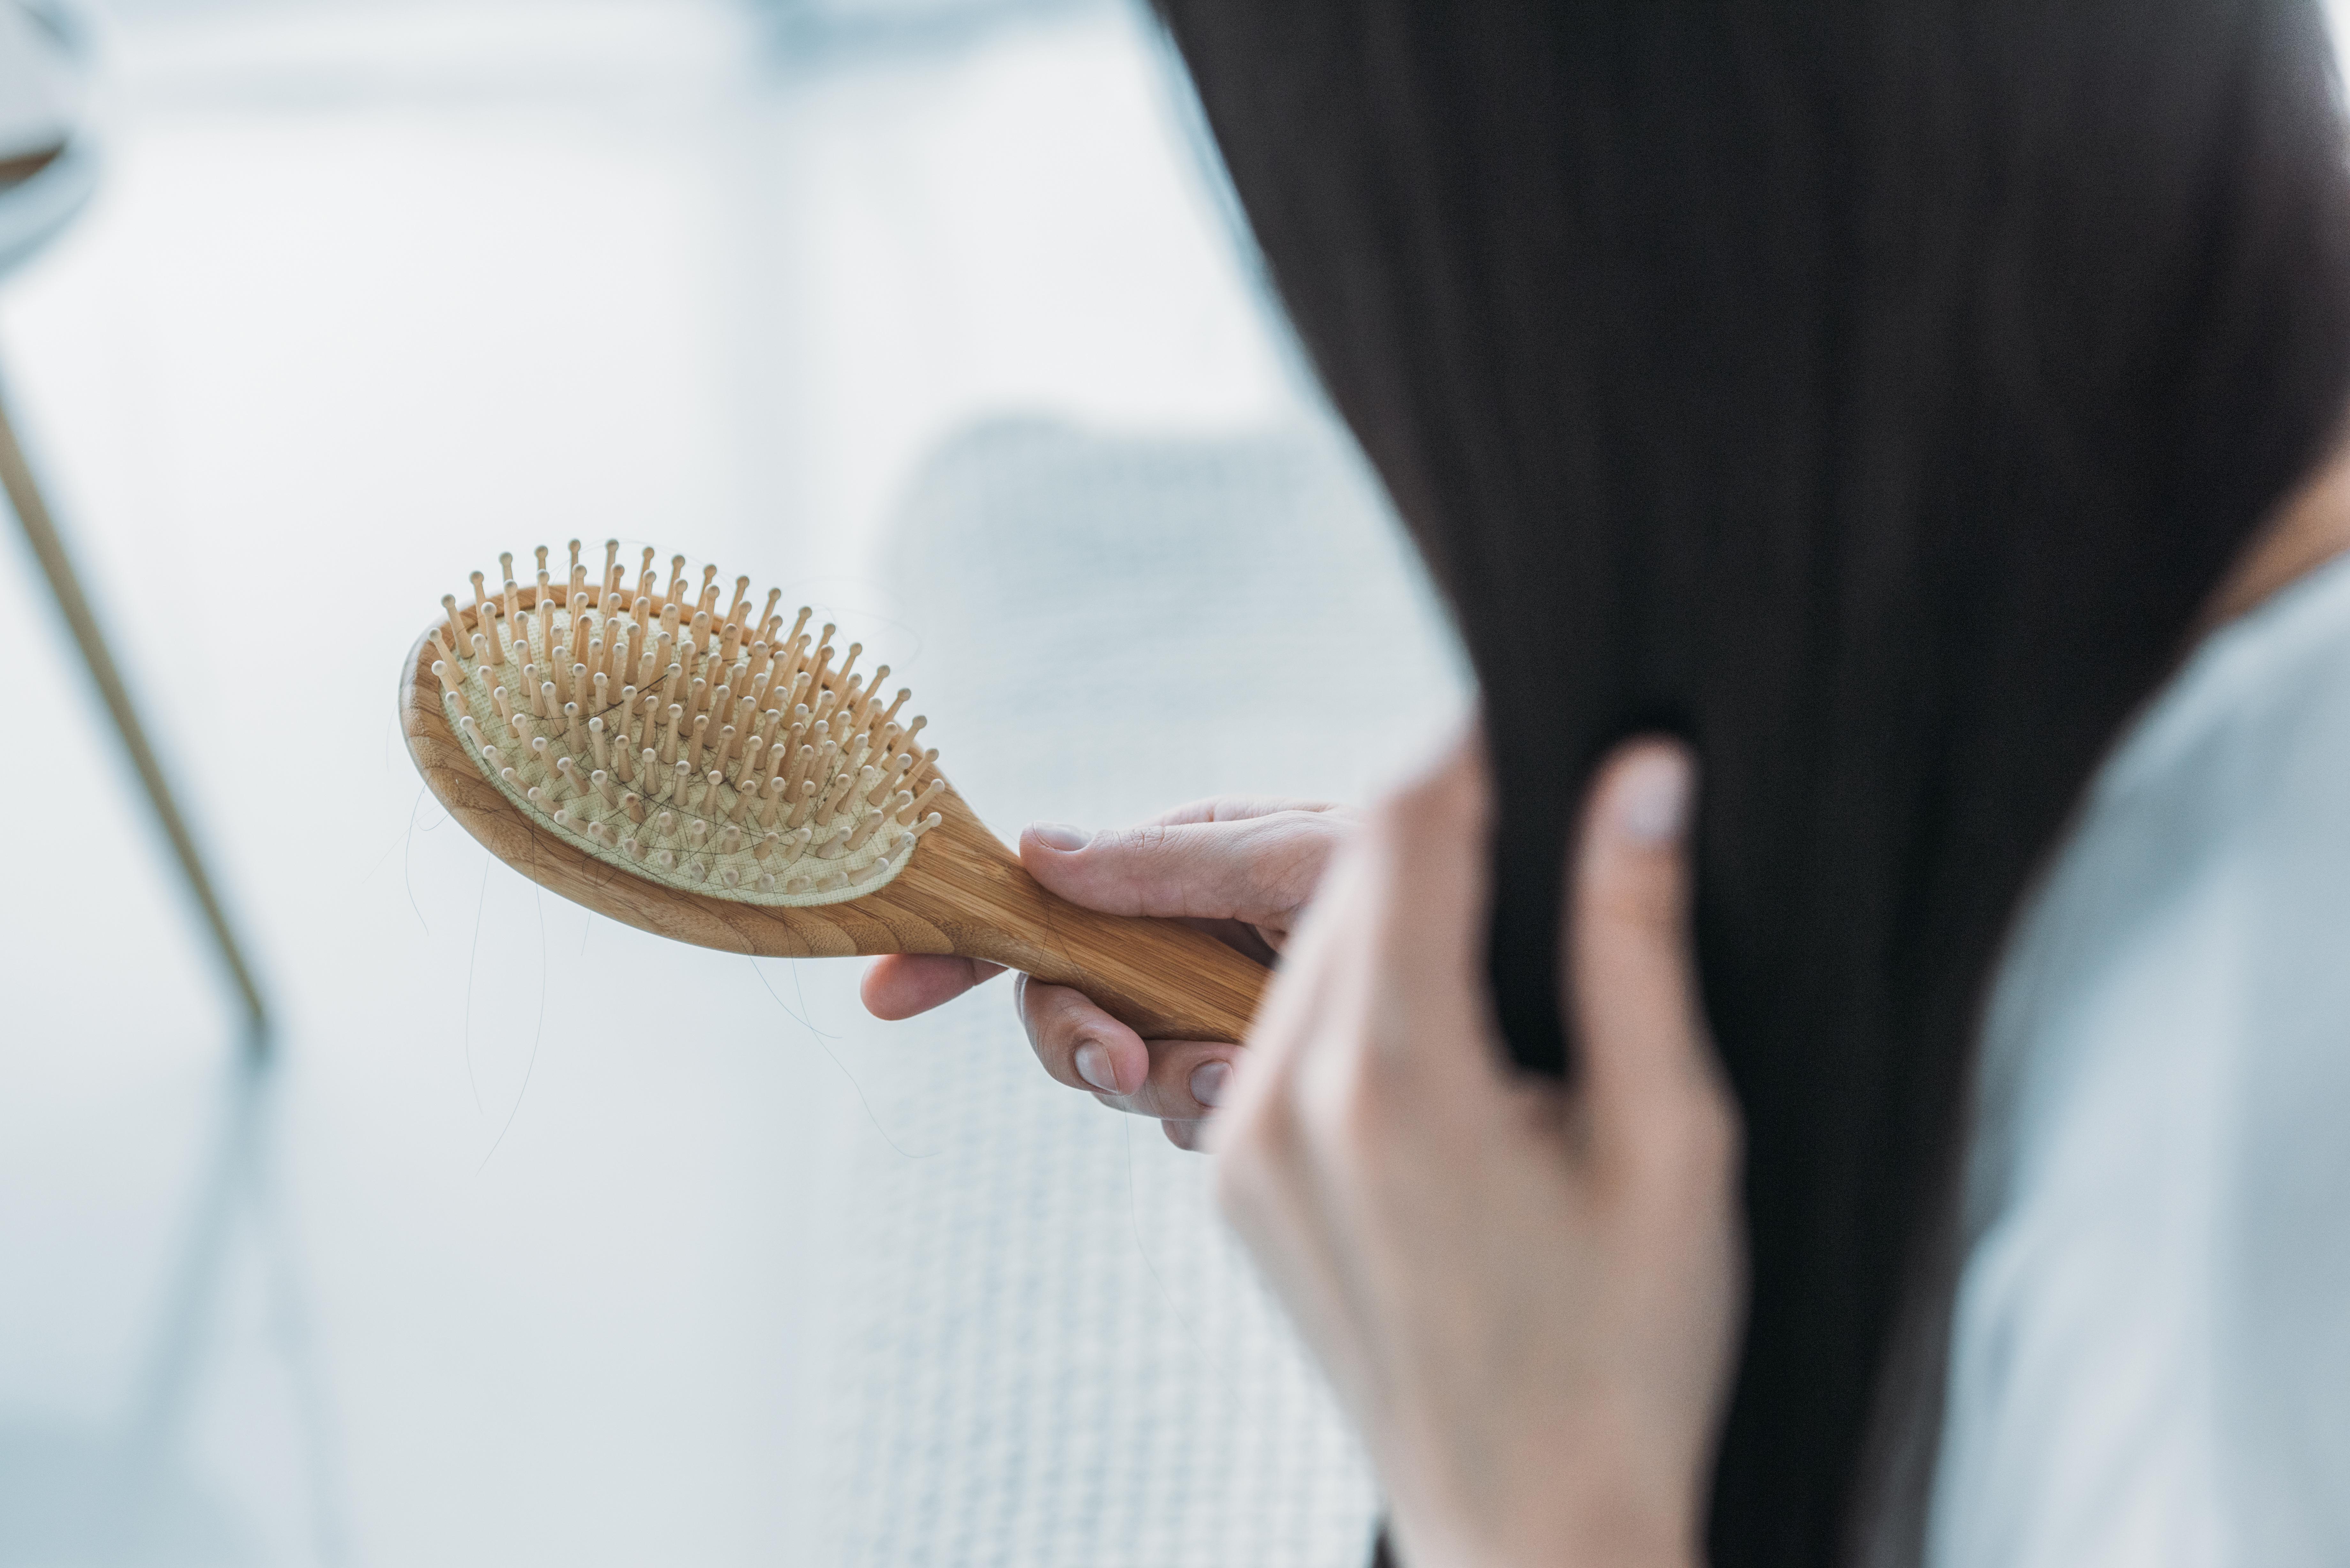 Kovid-19 saç dökülmesine, stresi ise zonaya neden oluyor #3